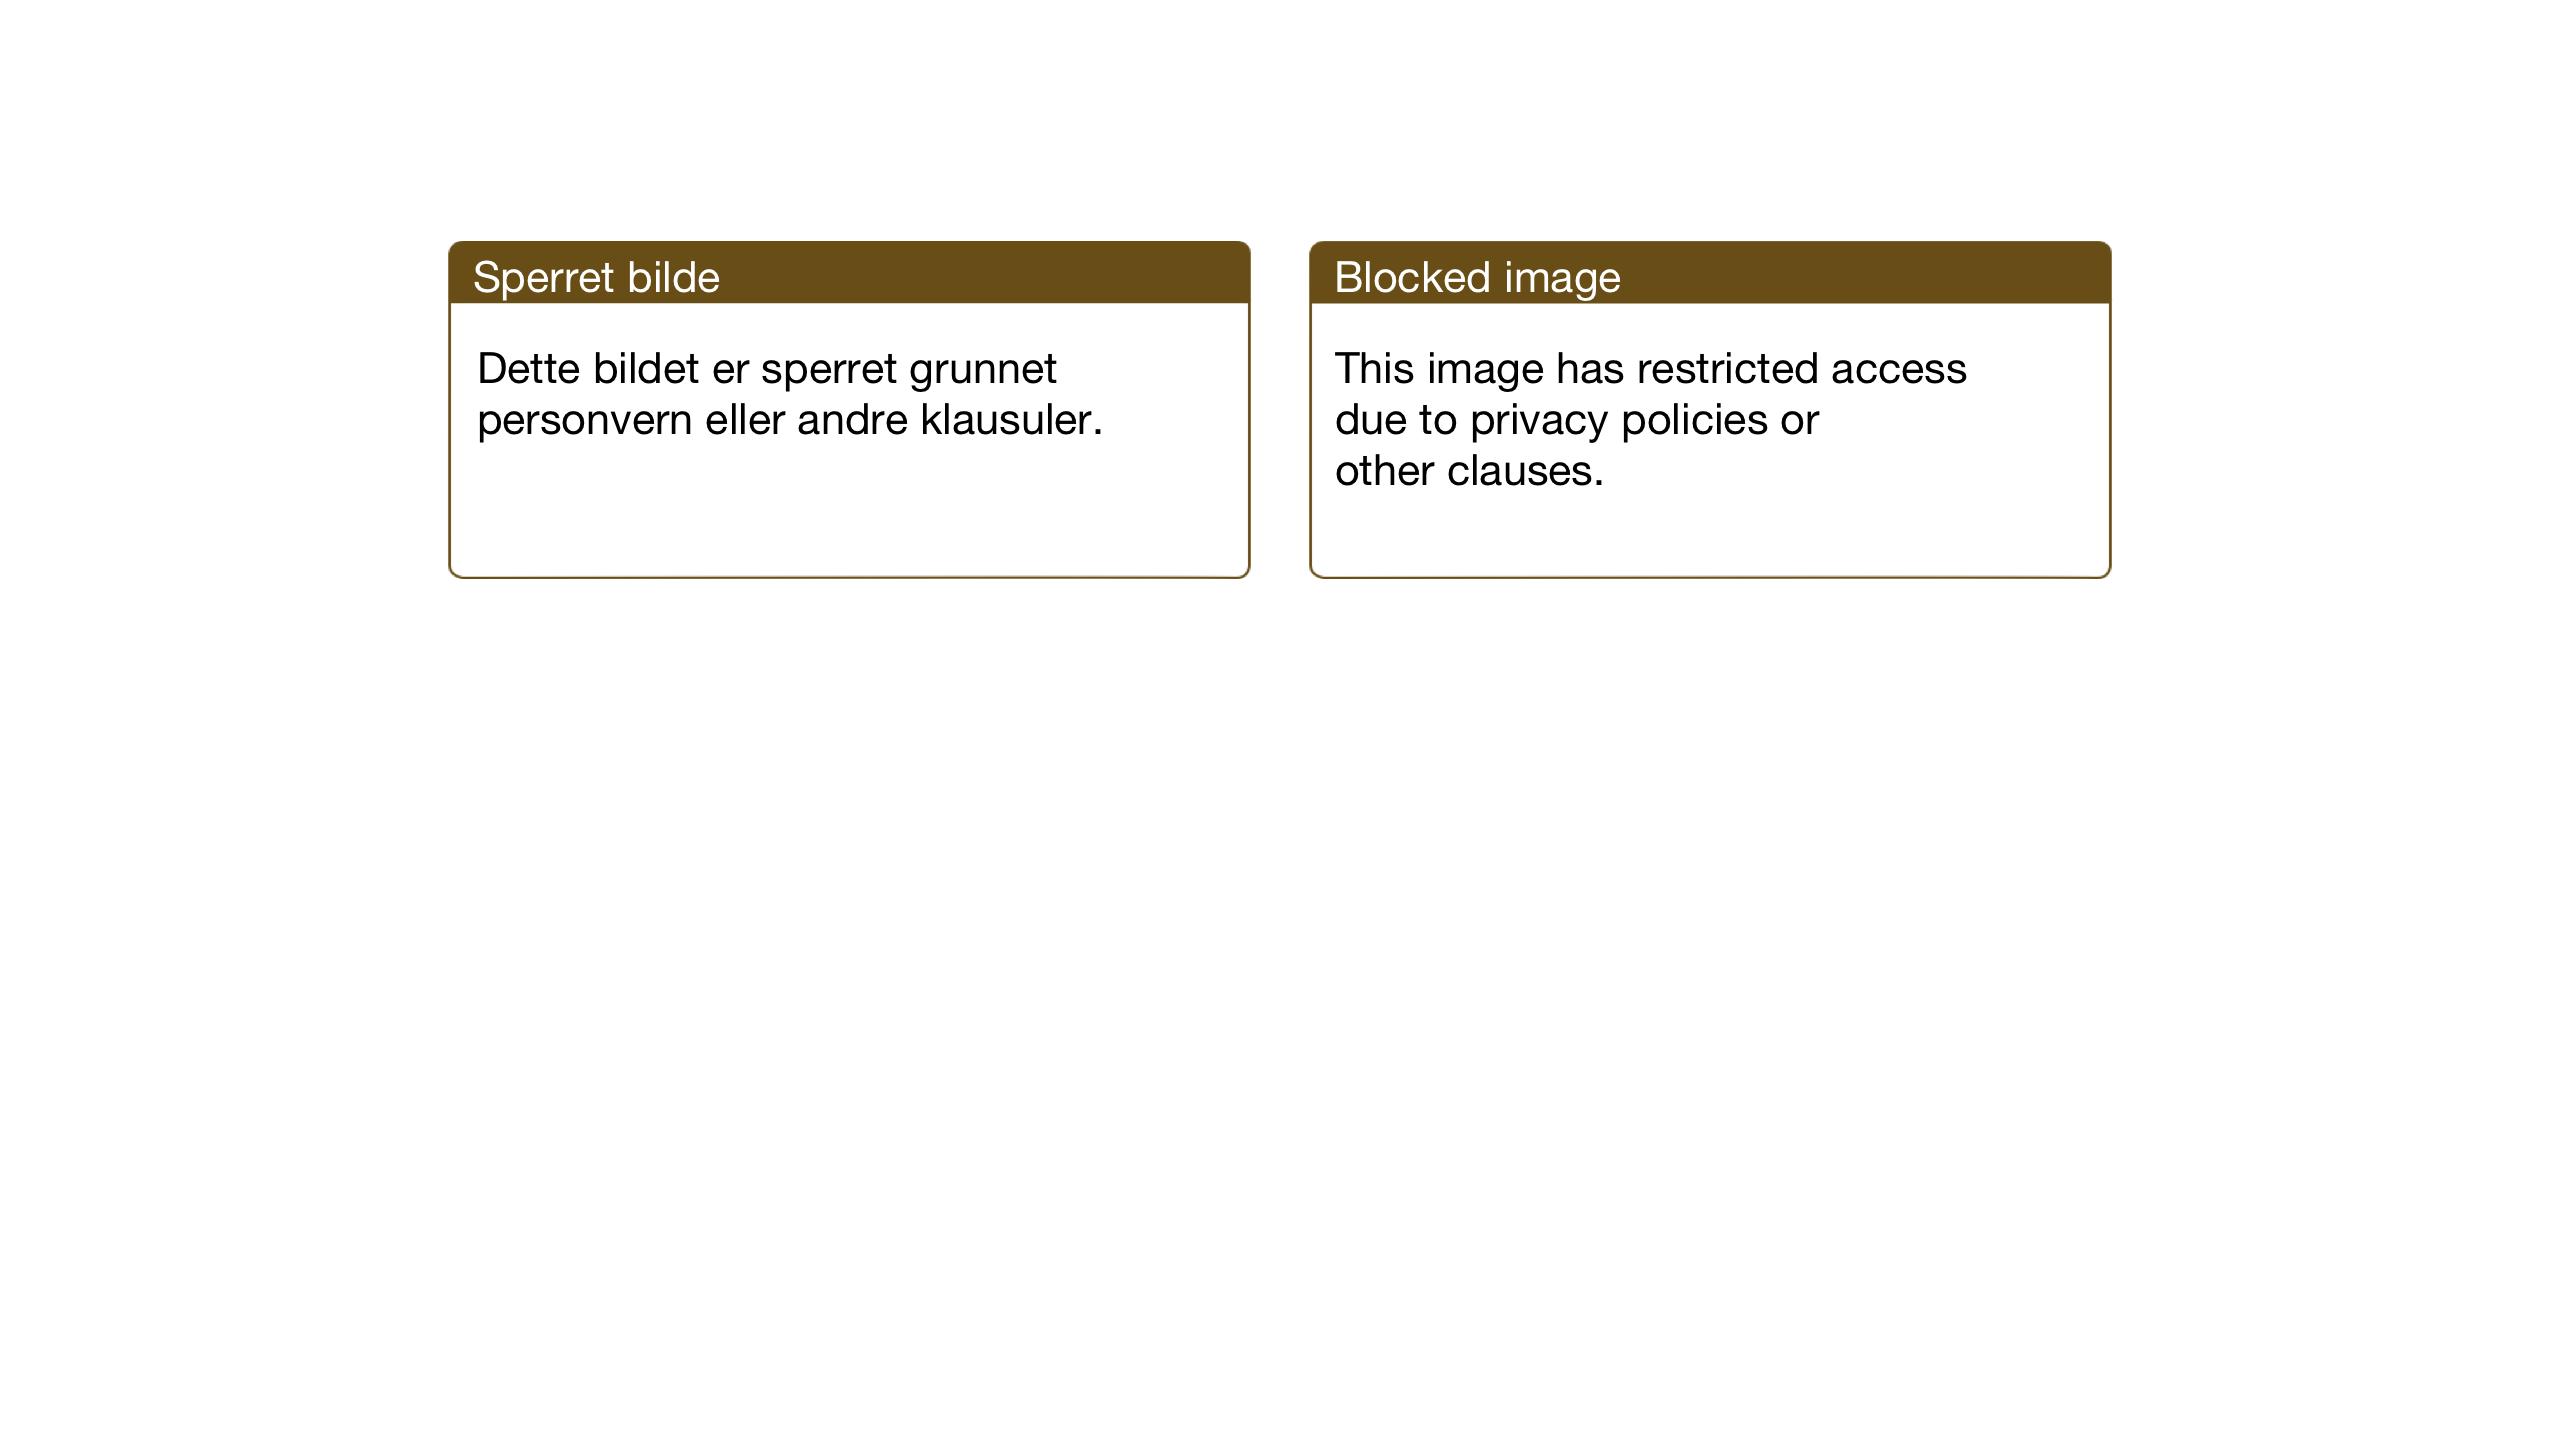 SAT, Ministerialprotokoller, klokkerbøker og fødselsregistre - Sør-Trøndelag, 608/L0343: Klokkerbok nr. 608C09, 1938-1952, s. 61